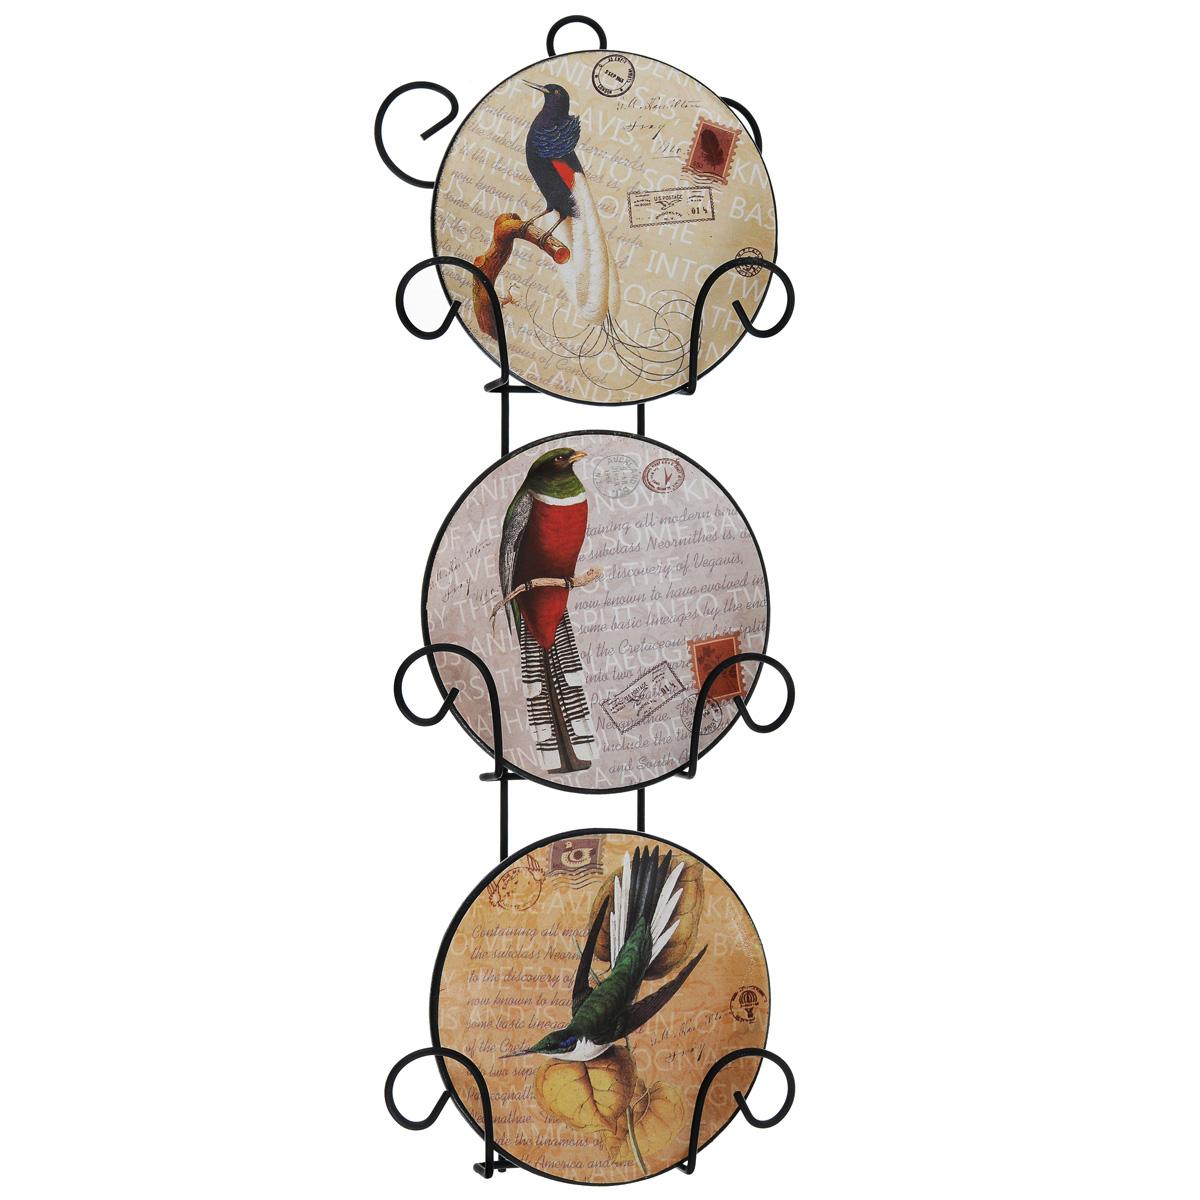 Набор декоративных тарелок Птицы, диаметр 10 см, 3 шт36255Набор из трех декоративных тарелок с ярким рисунком украсят практически любое ваше помещение, будь то кухня, столовая, гостиная, холл и будут являться необычным дизайнерским решением. Тарелки выполнены из доломитовой керамики, подставка в виде вертикальной этажерки, благодаря которой сувенир удобно и быстро крепится к стене, - из черного металла. Каждая тарелочка, декорированная изображениями экзотических птиц, помещается в отдельную нишу. Очаровательный набор декоративных тарелок - замечательный подарок друзьям и близким людям.